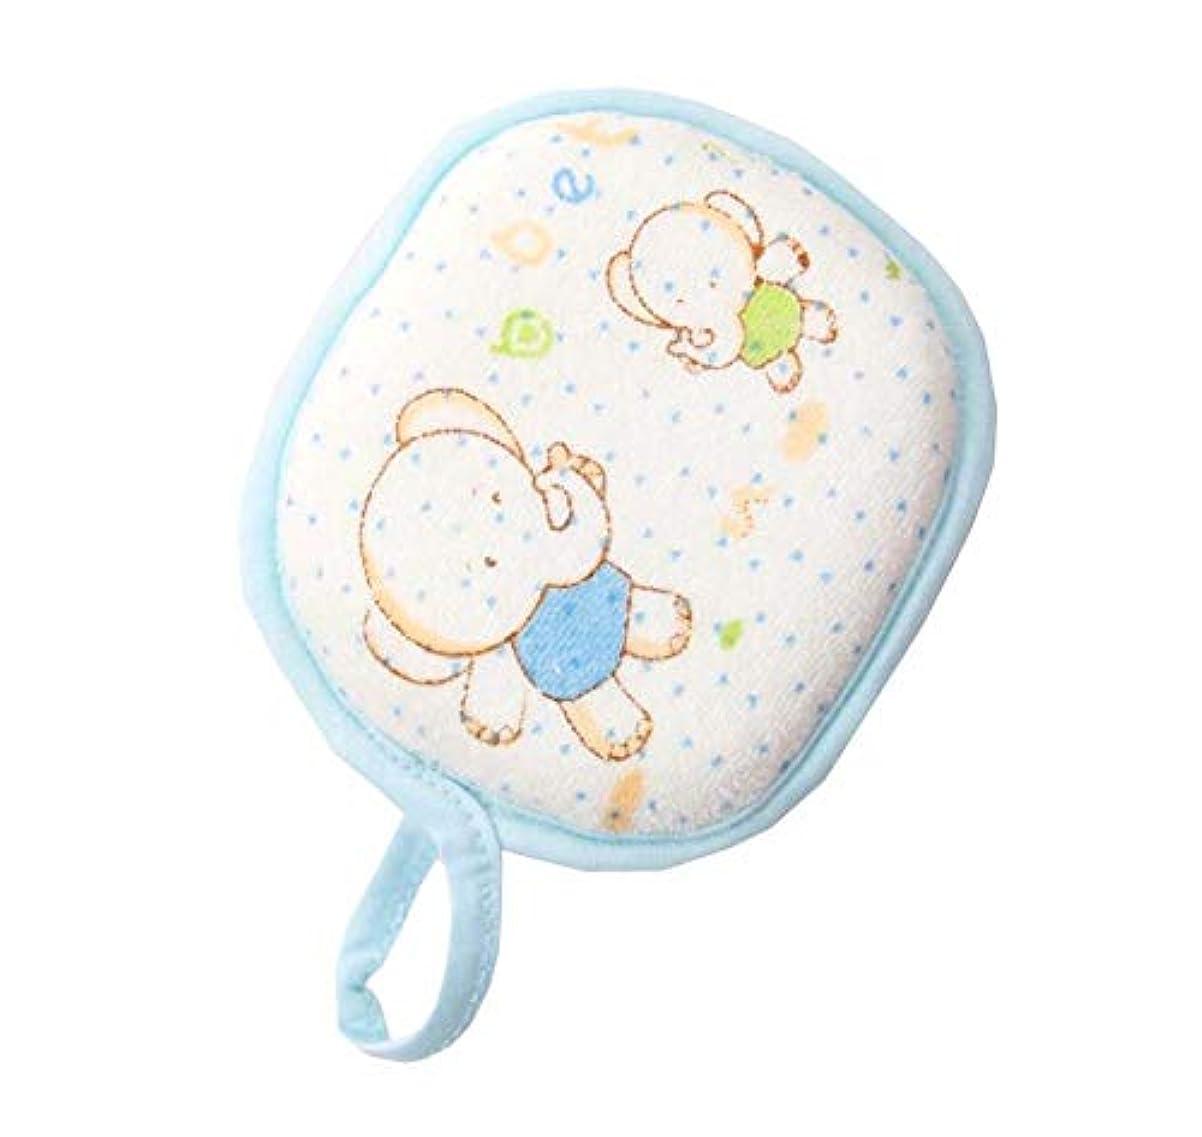 長方形クリスマス補足赤ちゃんの柔らかい肌のフルーツの形に適した赤ちゃんのバススポンジ